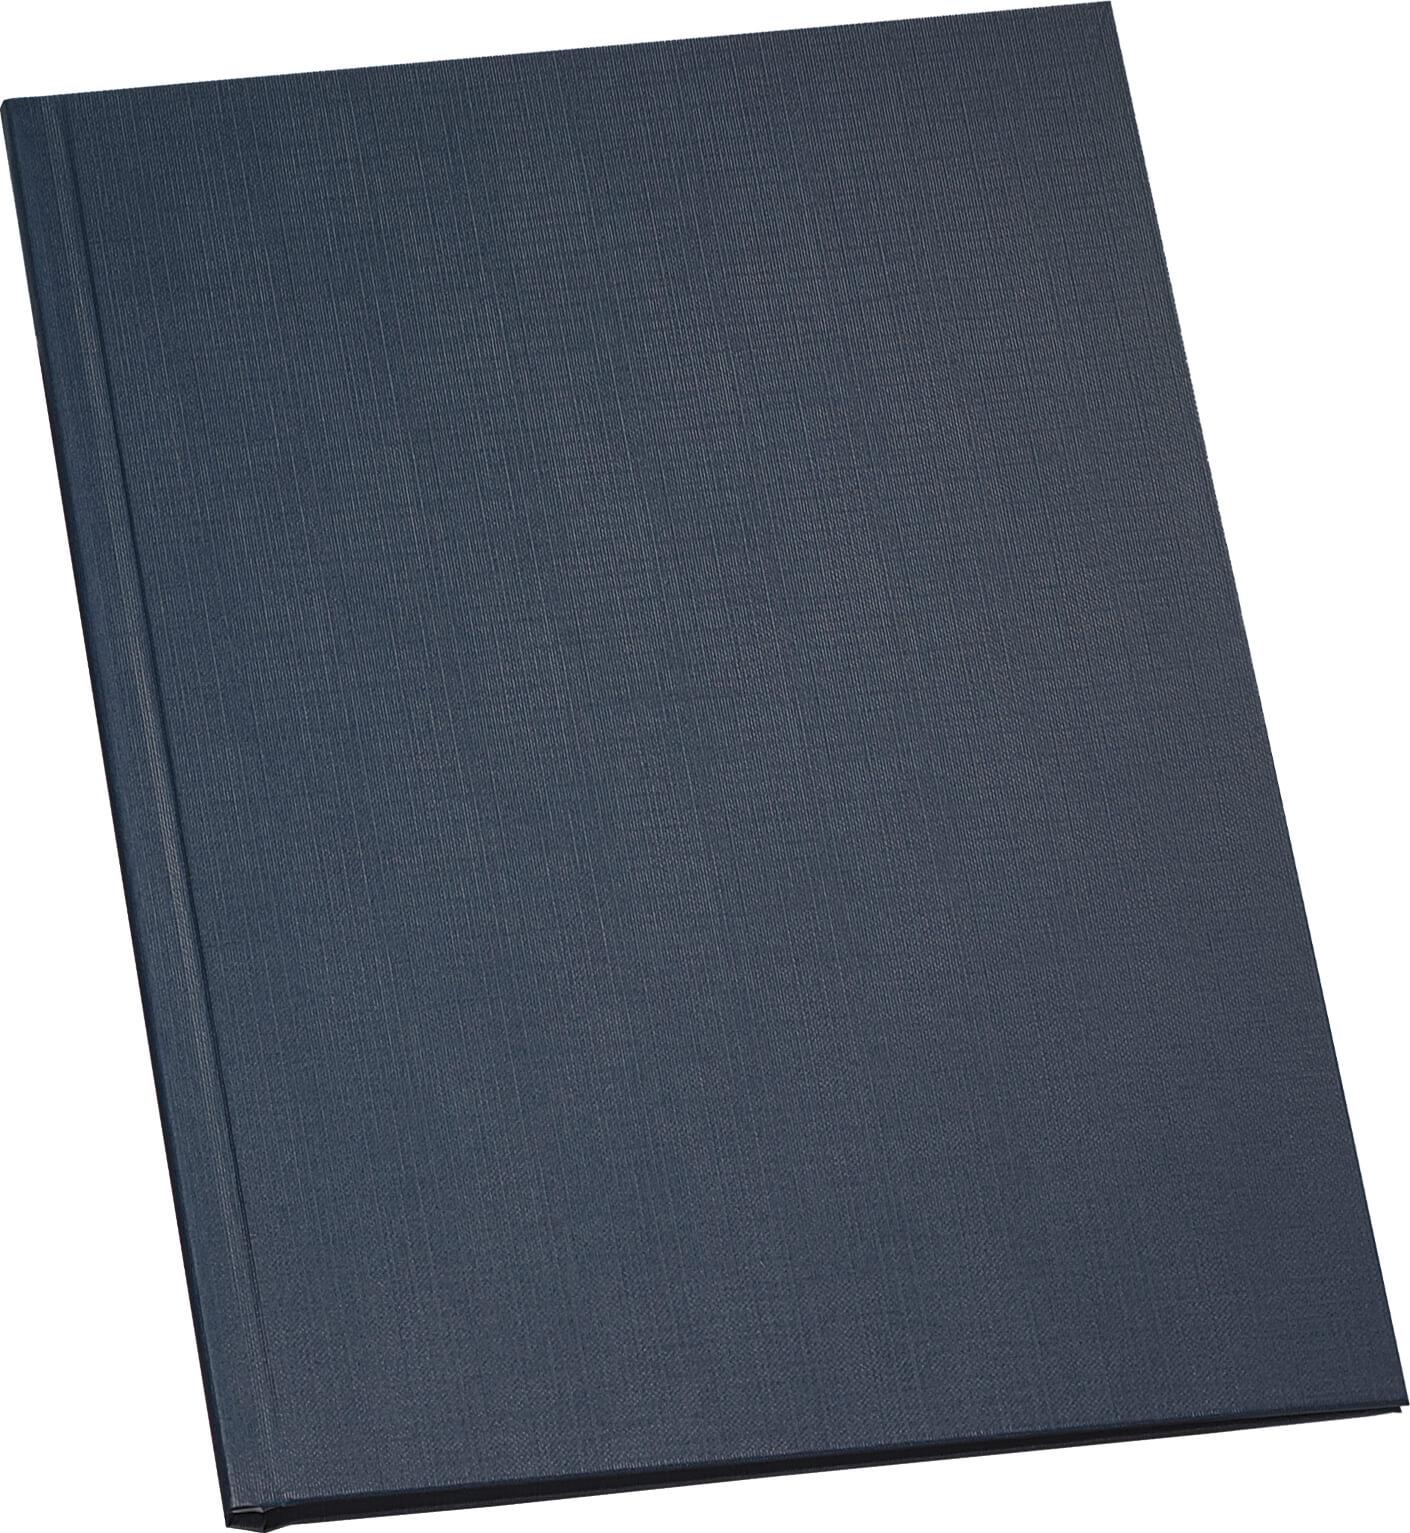 Einband Leinenstruktur bis 245 Blatt in schwarz